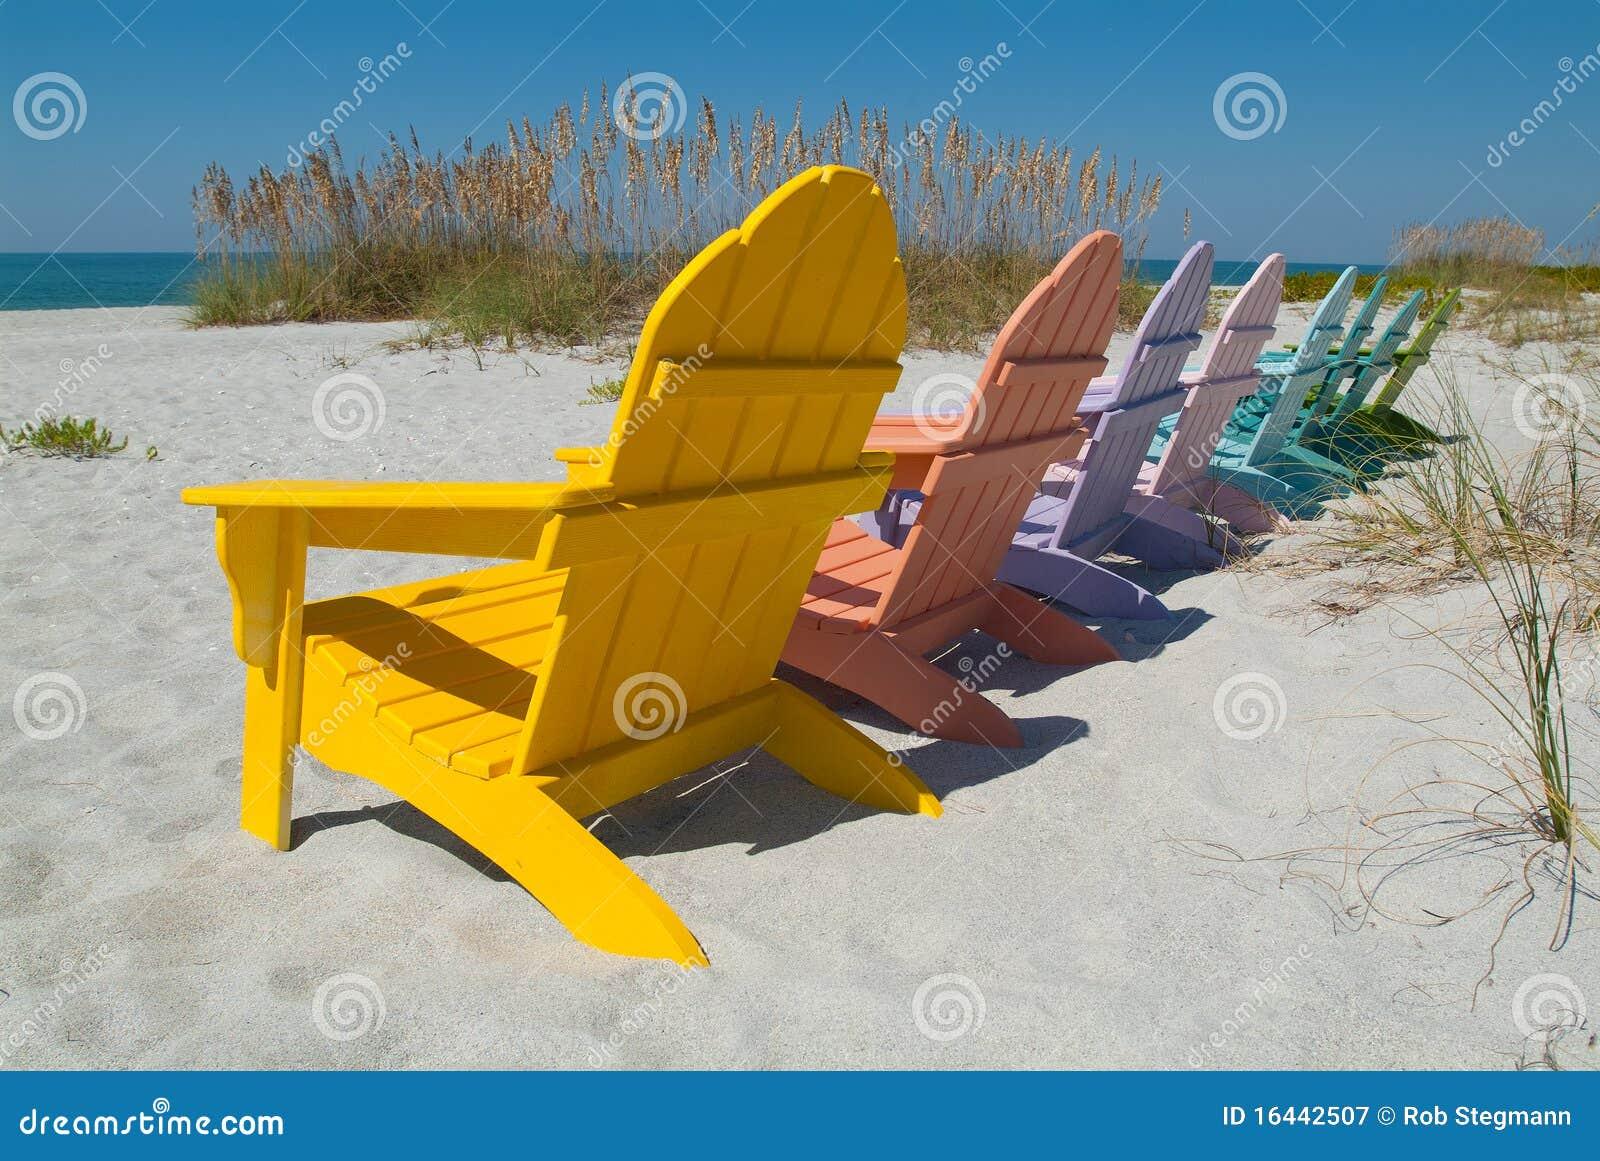 Sillas de madera en la playa fotograf a de archivo libre for Sillas para la playa